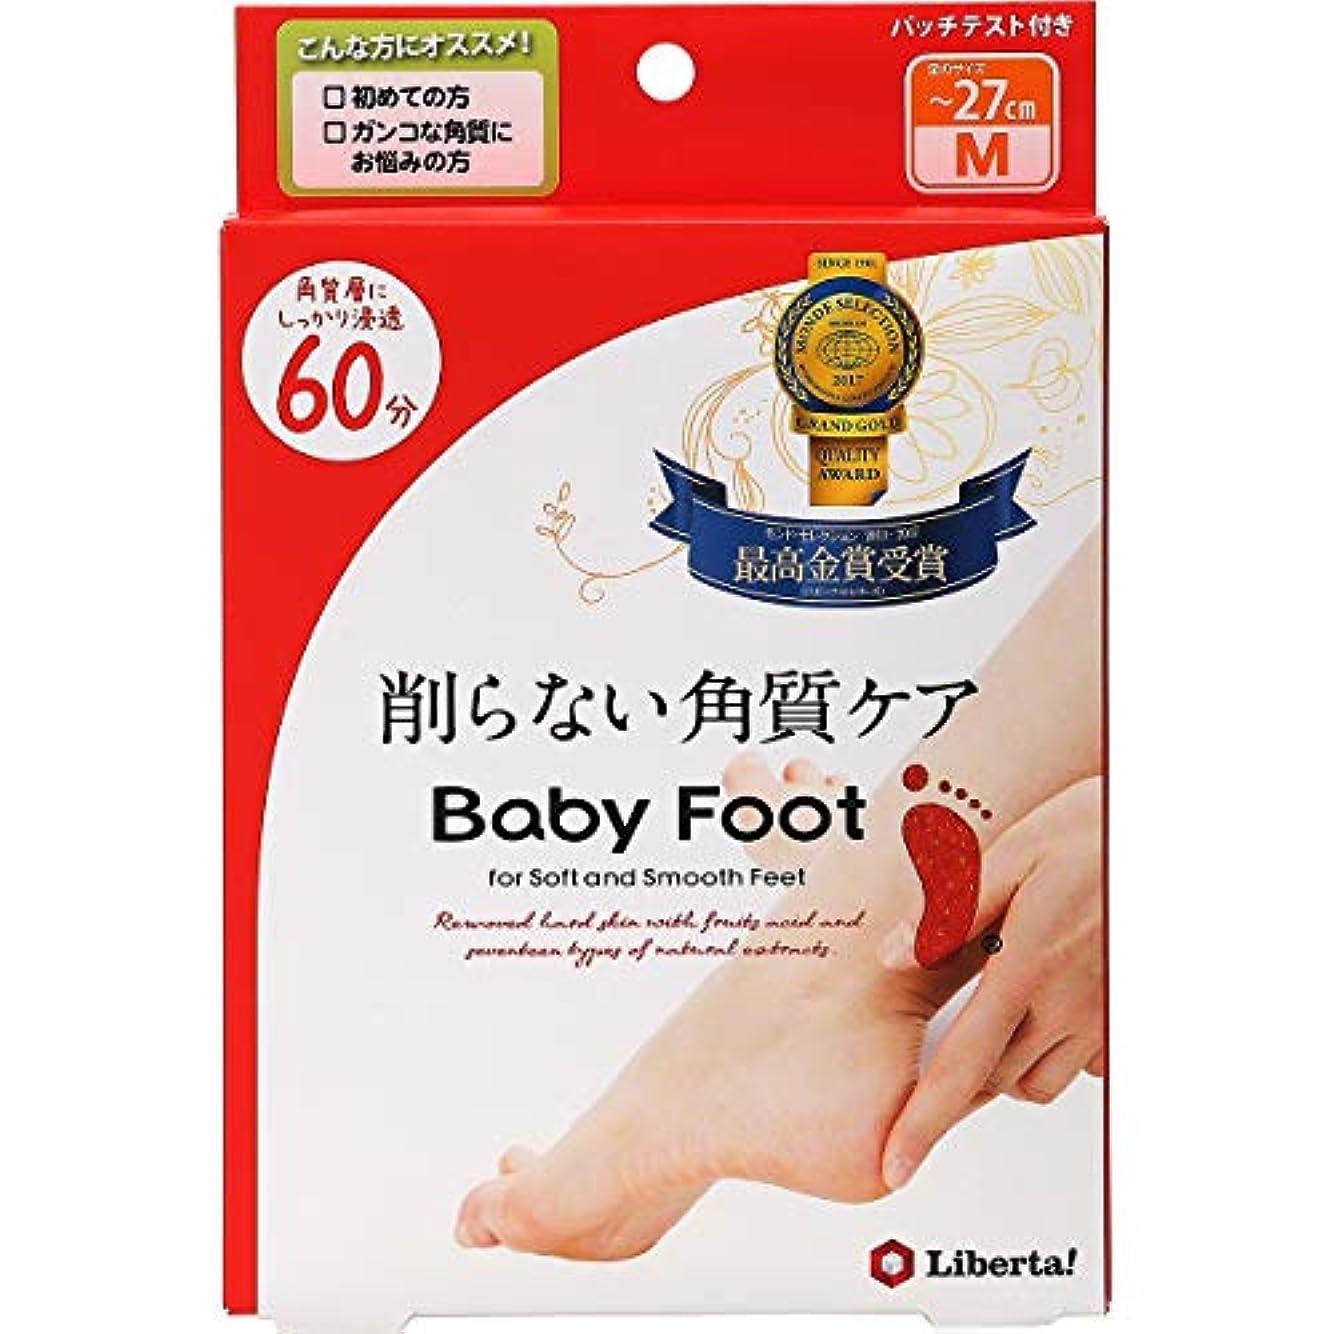 ライフル説明するまろやかなベビーフット (Baby Foot) ベビーフット イージーパック SPT60分タイプ Mサイズ 単品